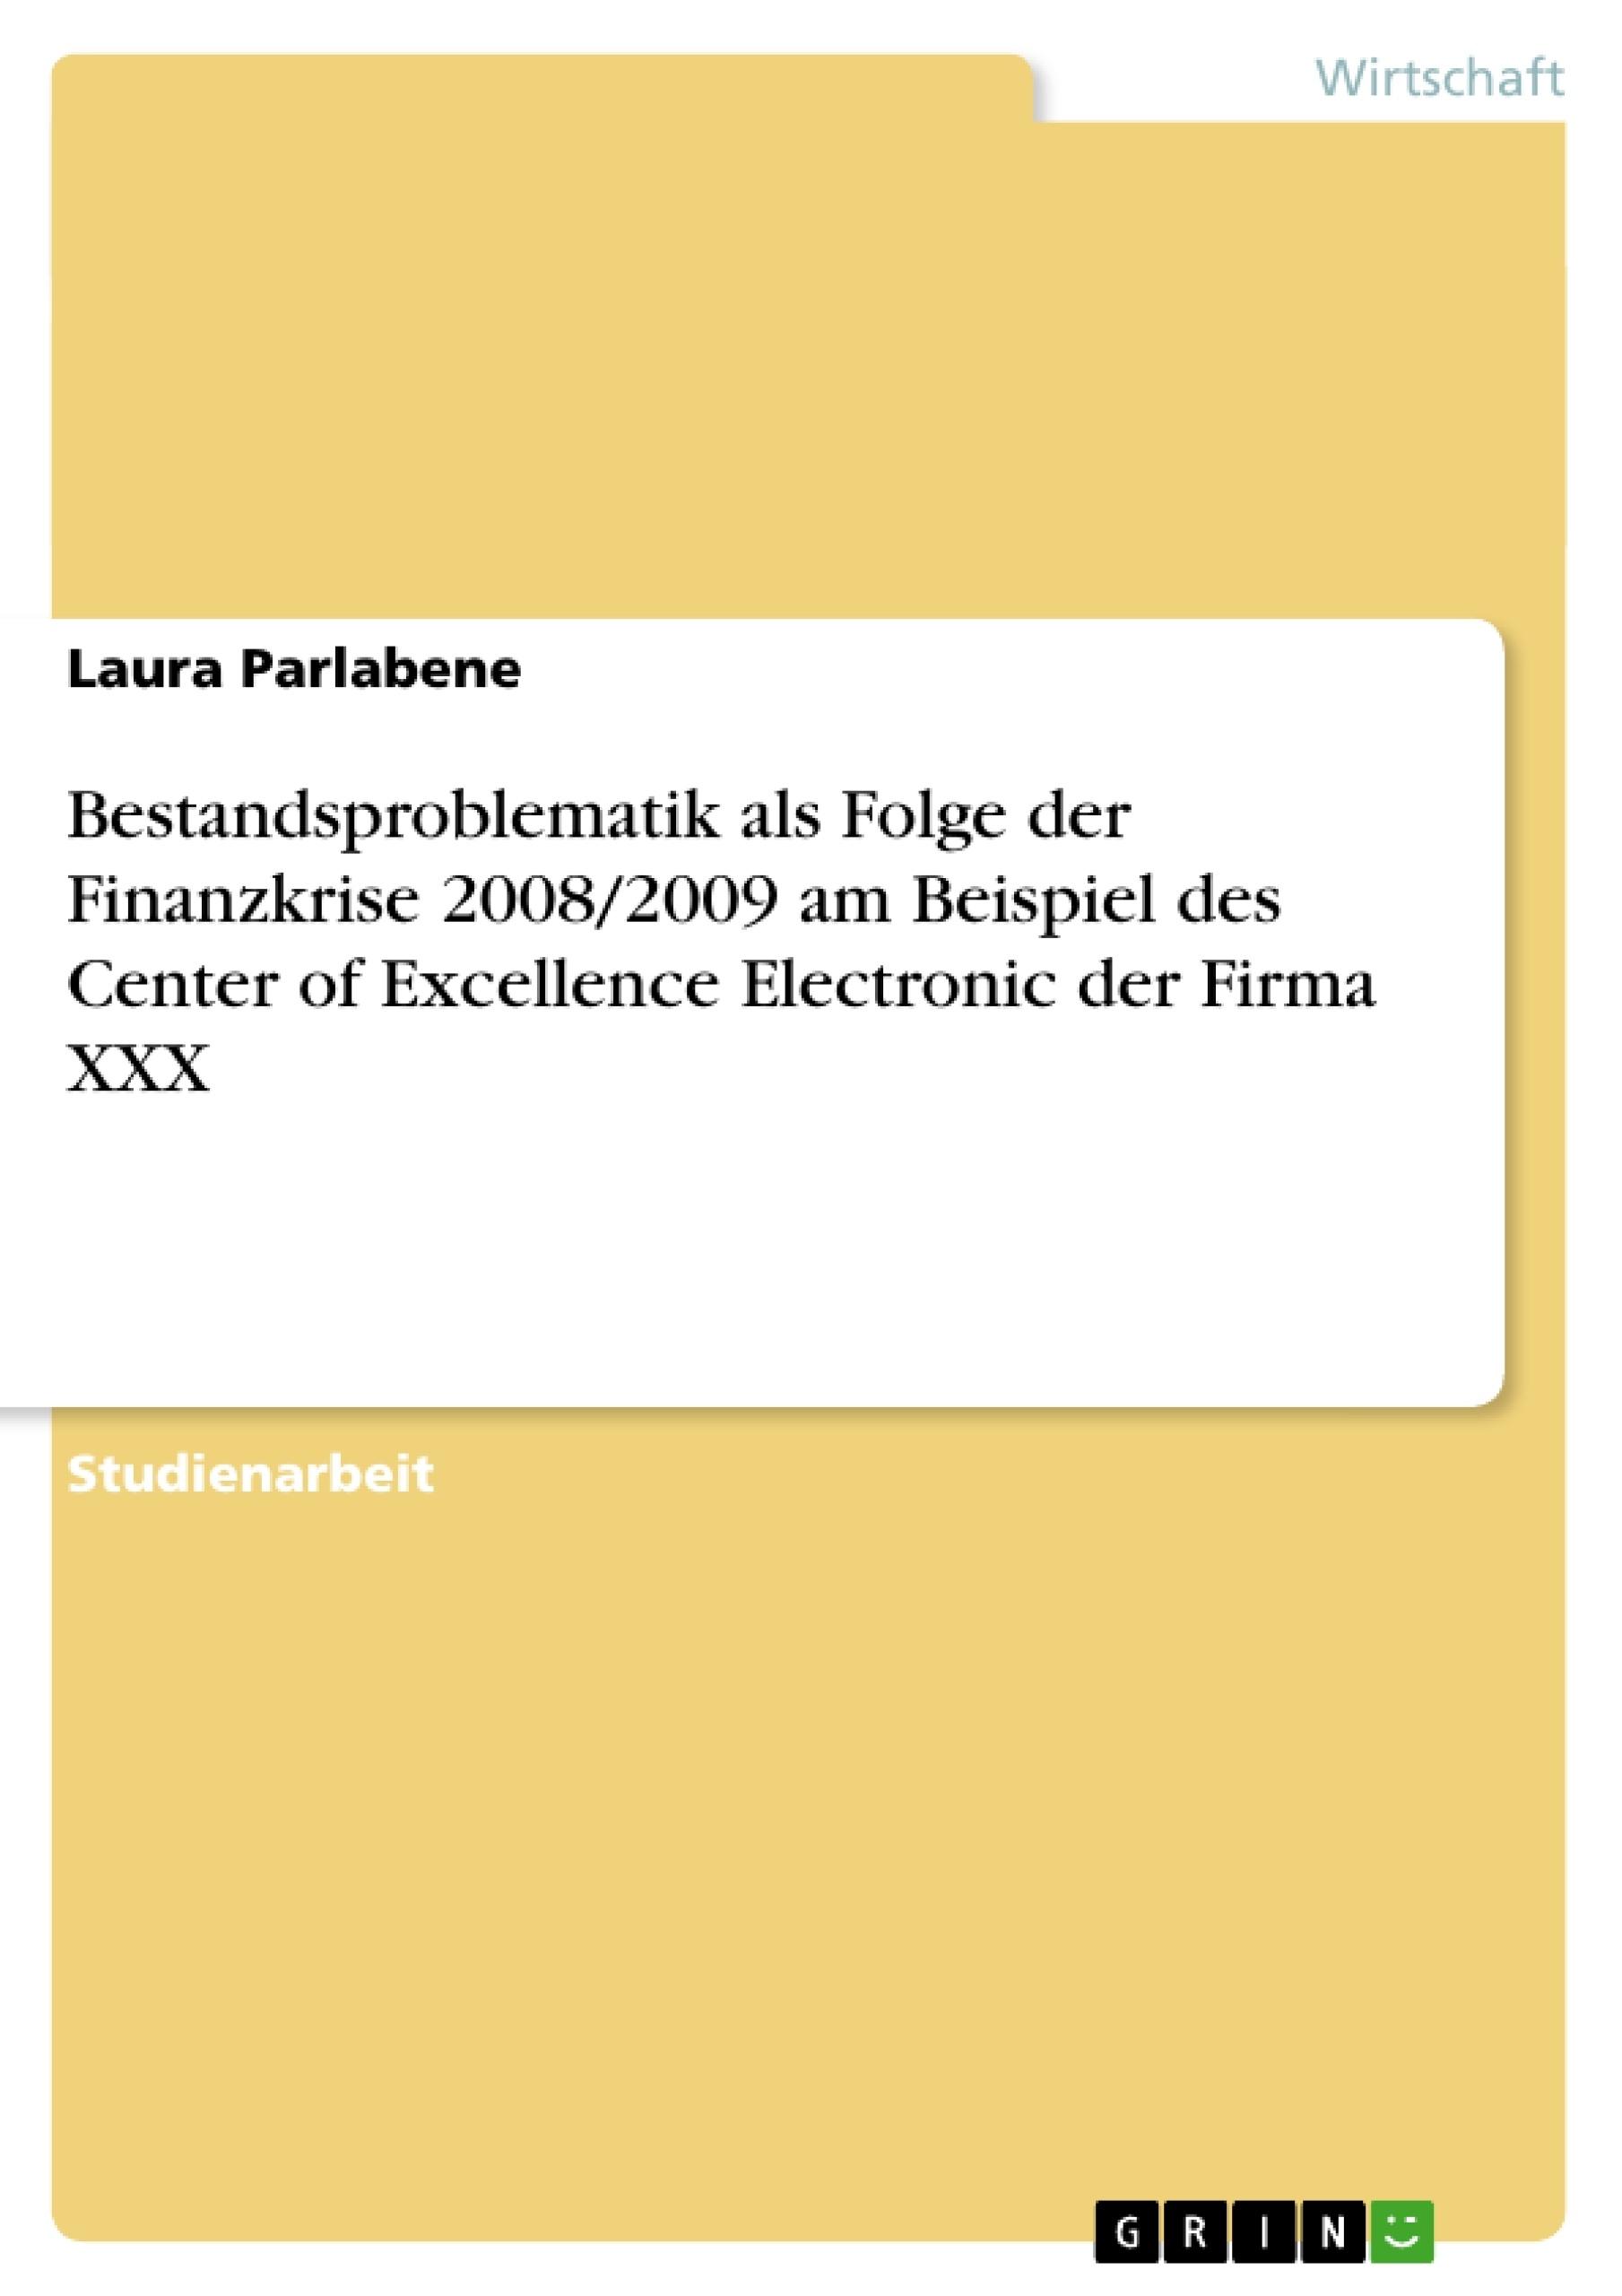 Titel: Bestandsproblematik als Folge der Finanzkrise 2008/2009 am Beispiel des Center of Excellence Electronic der Firma XXX